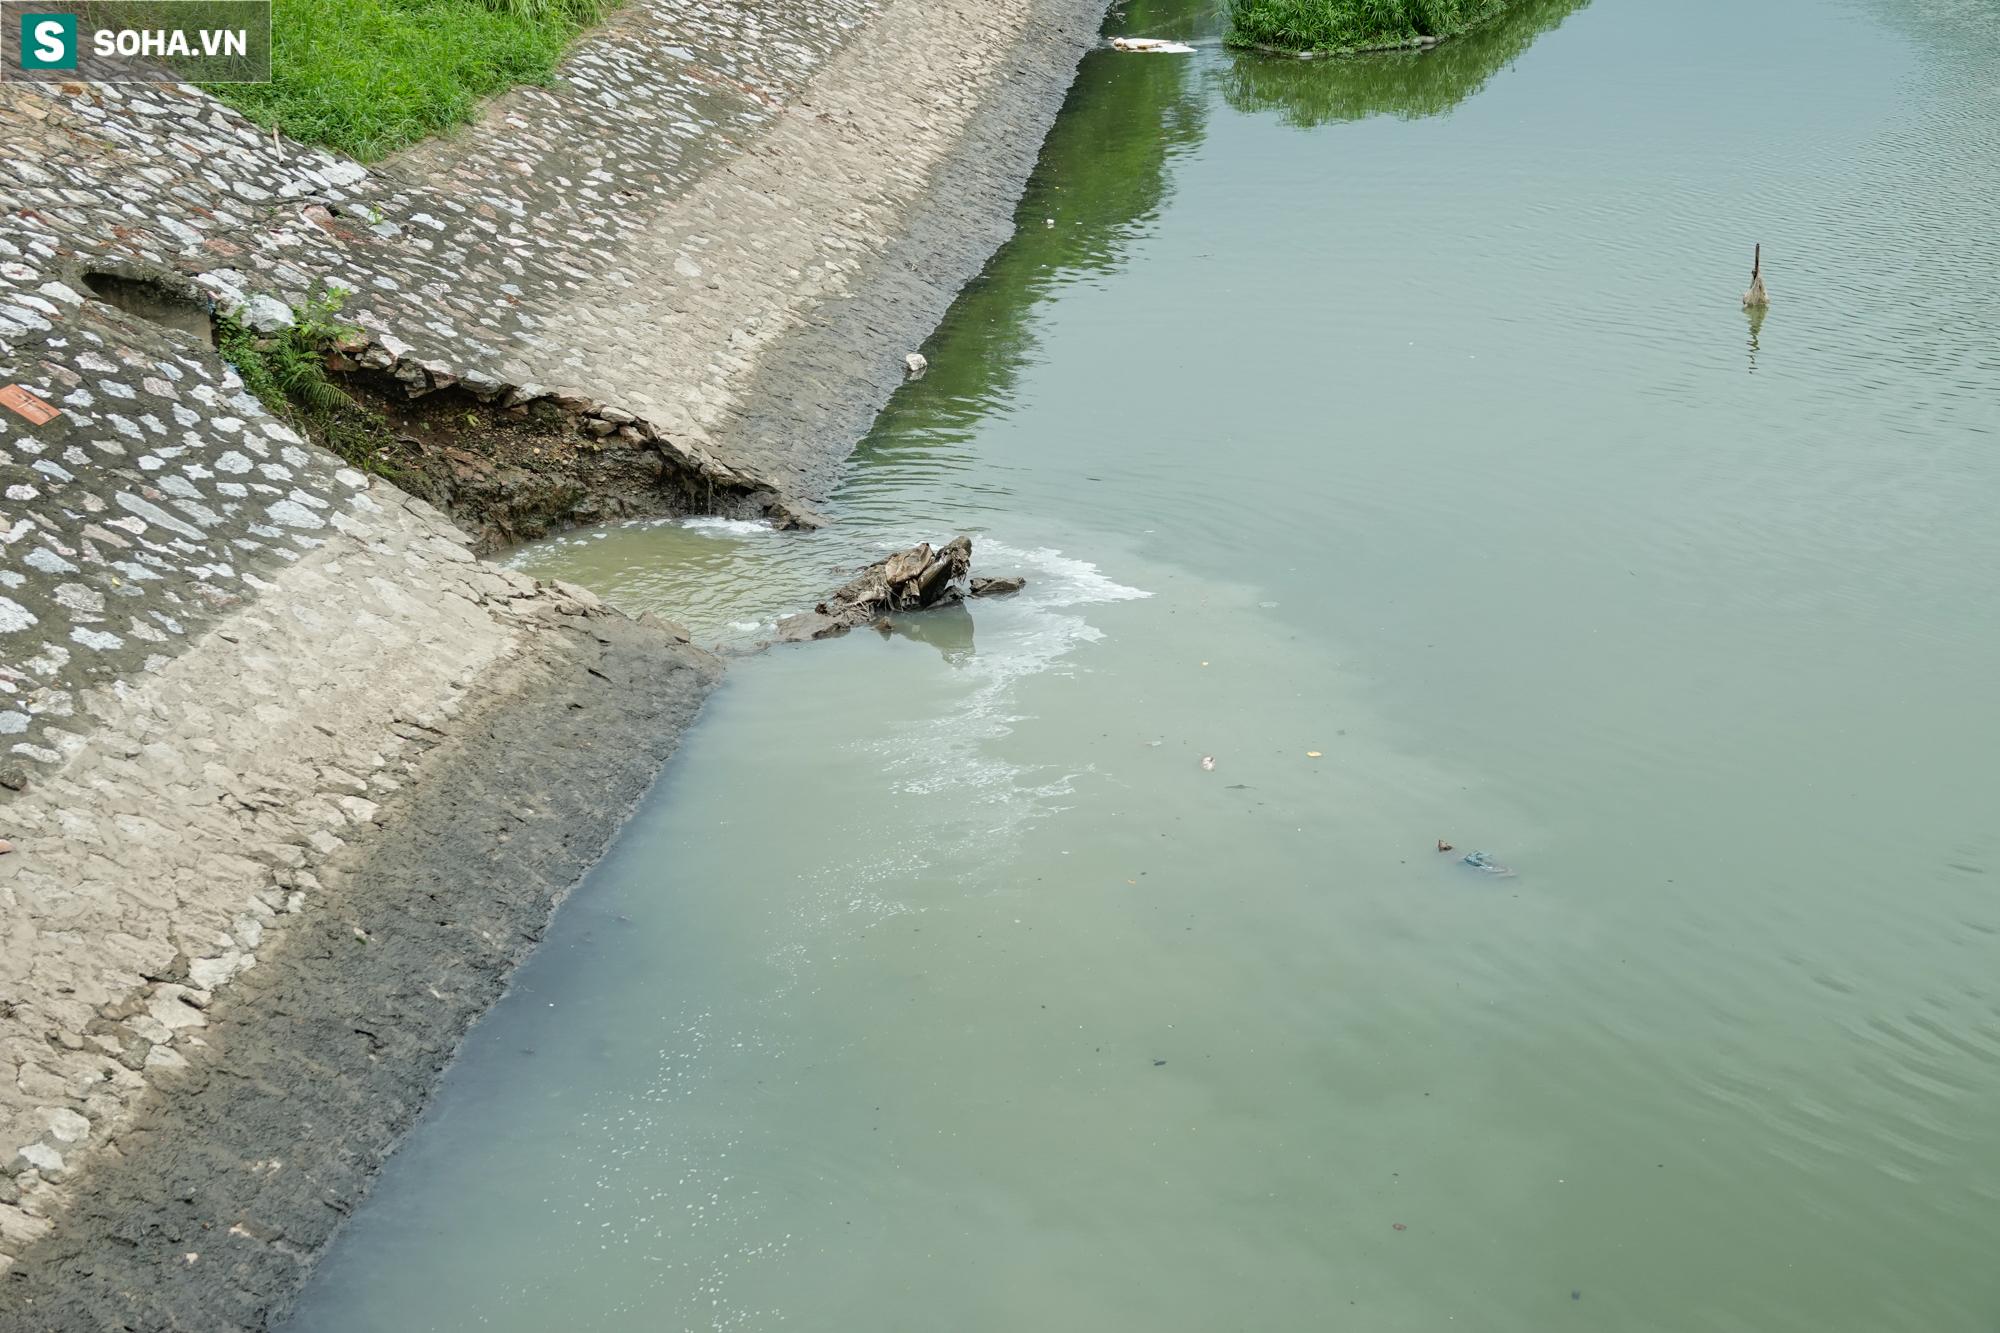 [ẢNH] Cận cảnh dòng nước xanh ngắt hiếm thấy tại sông Tô Lịch, cá bơi nhộn nhịp hàng đàn - Ảnh 11.